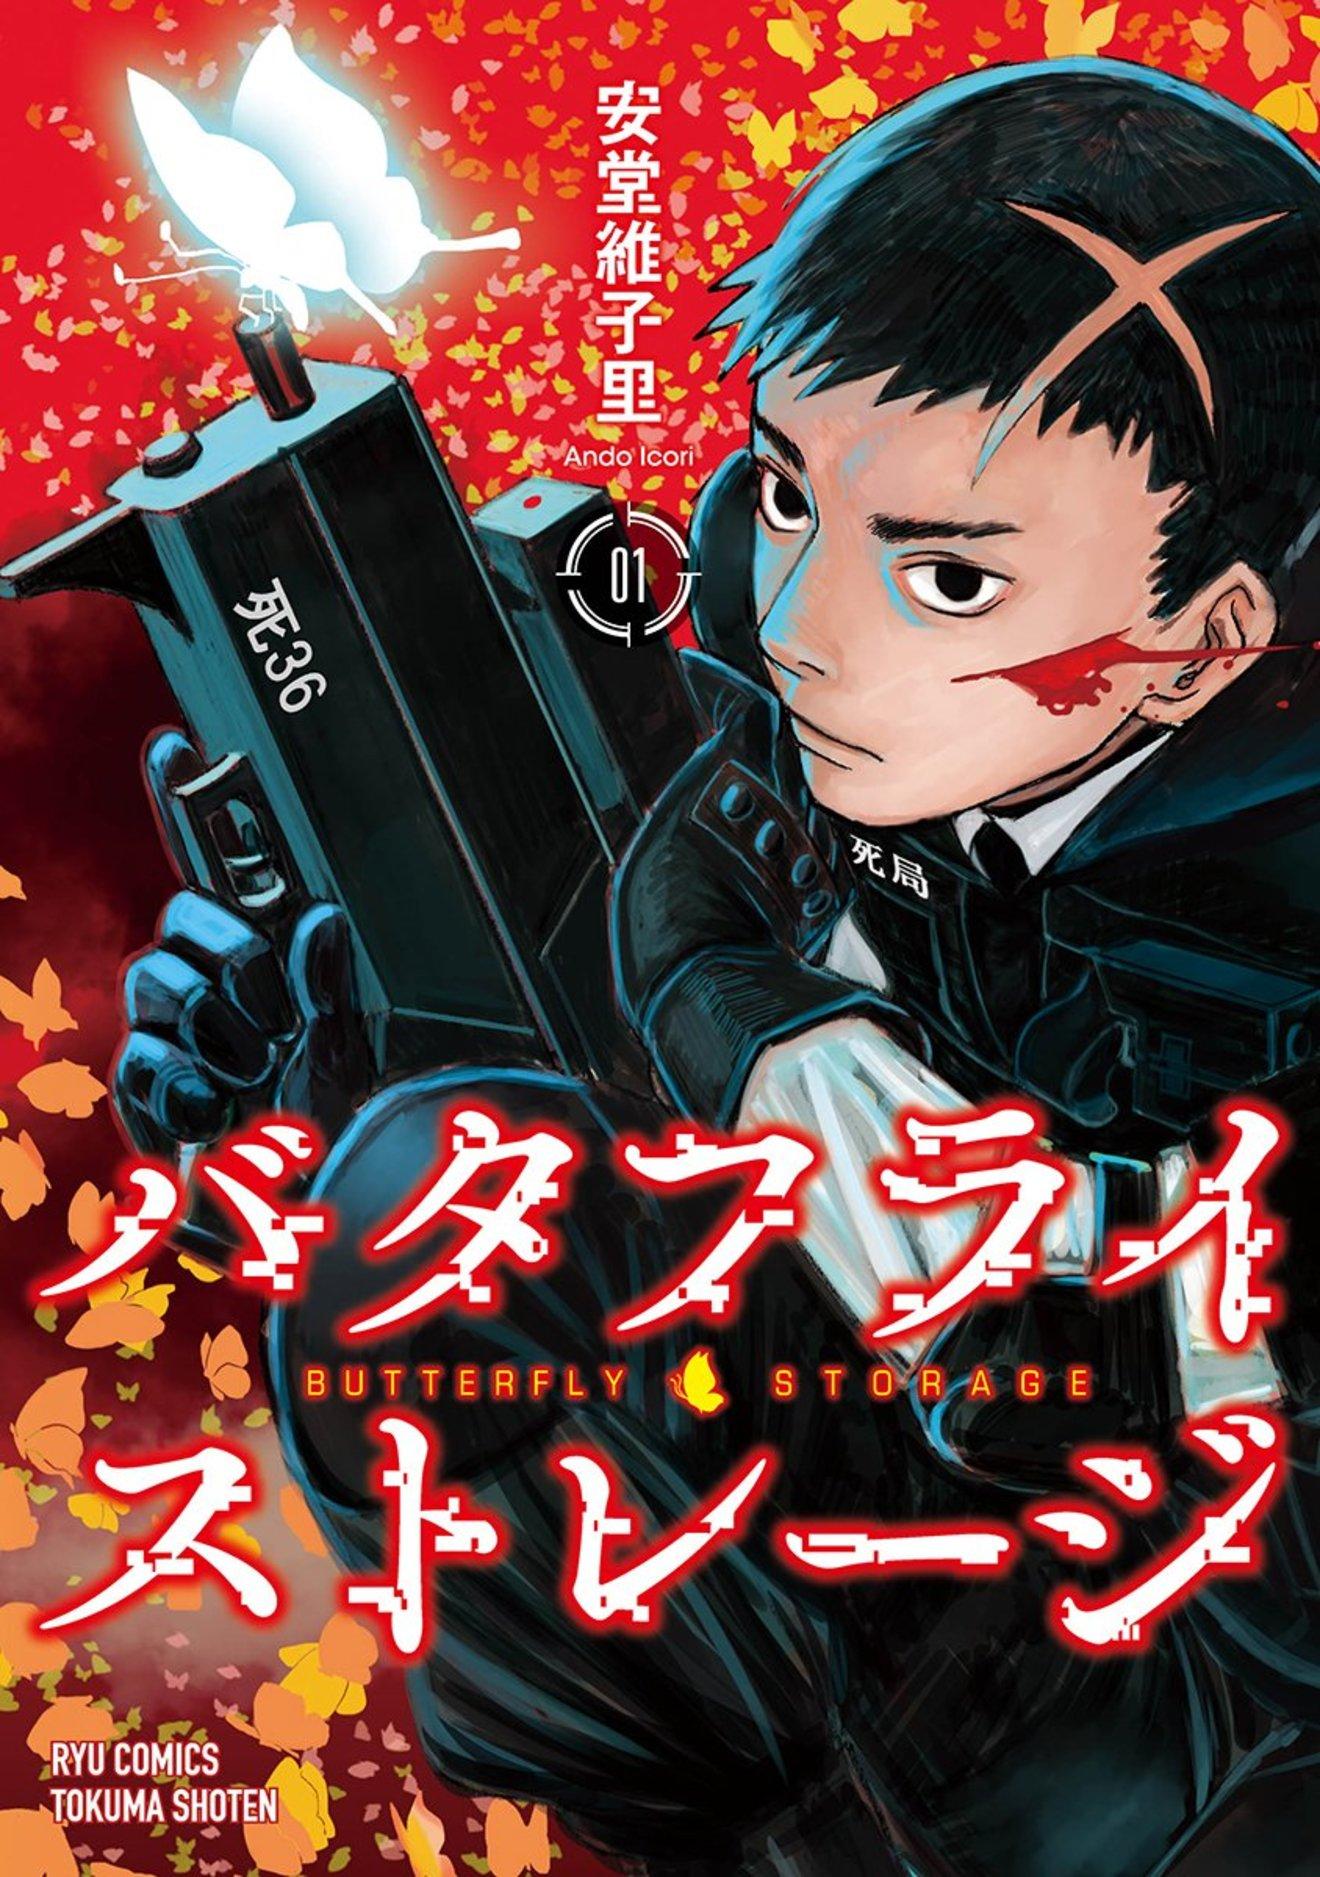 無料で読める『バタフライ・ストレージ』の魅力を2巻までネタバレ紹介!